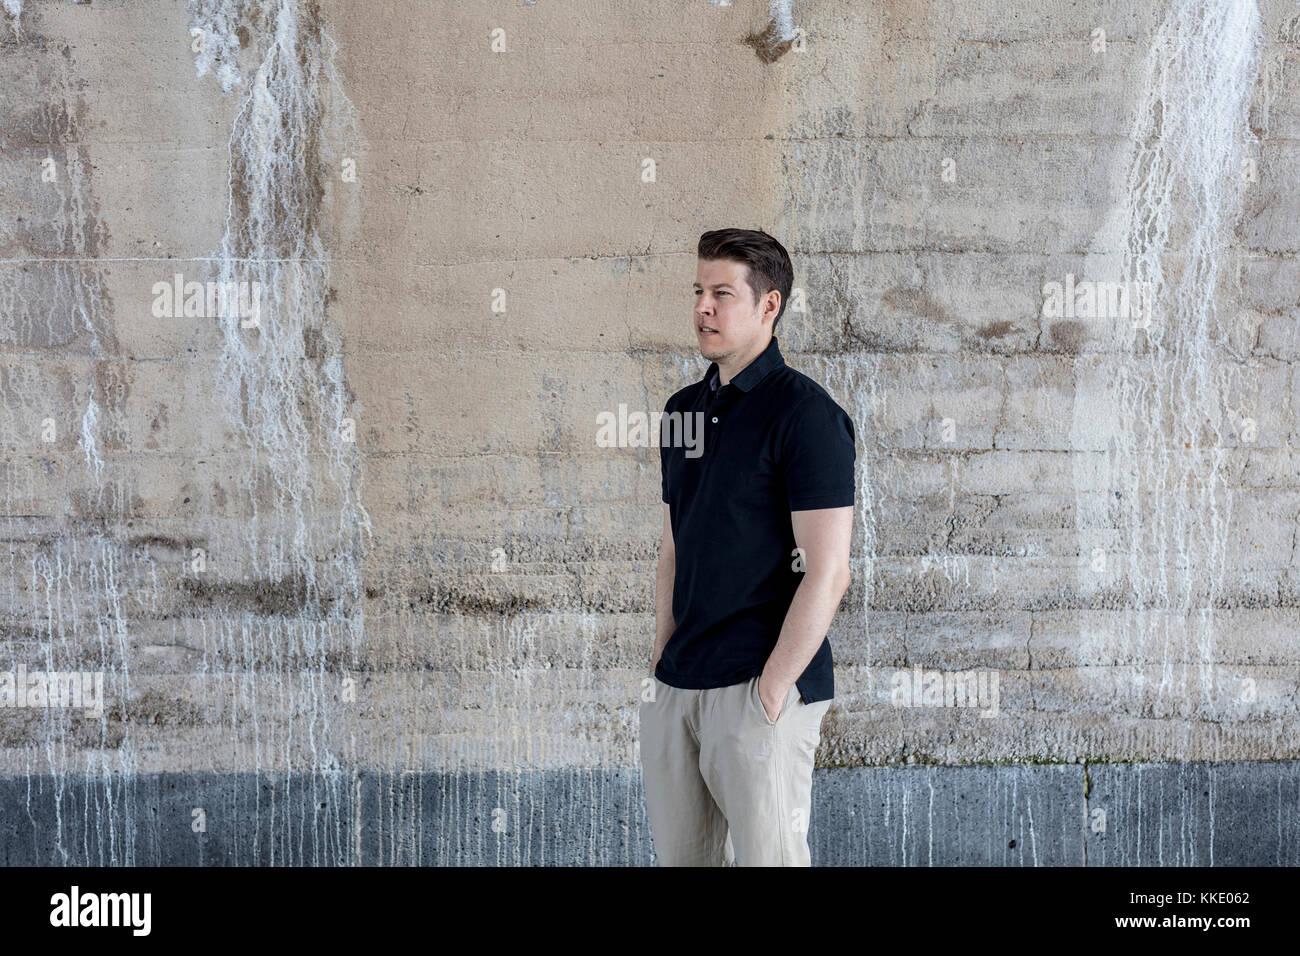 Ein salopp gekleideter Mann hinter eine beigefarbene Wand. Drei Viertel der Länge. Stockbild